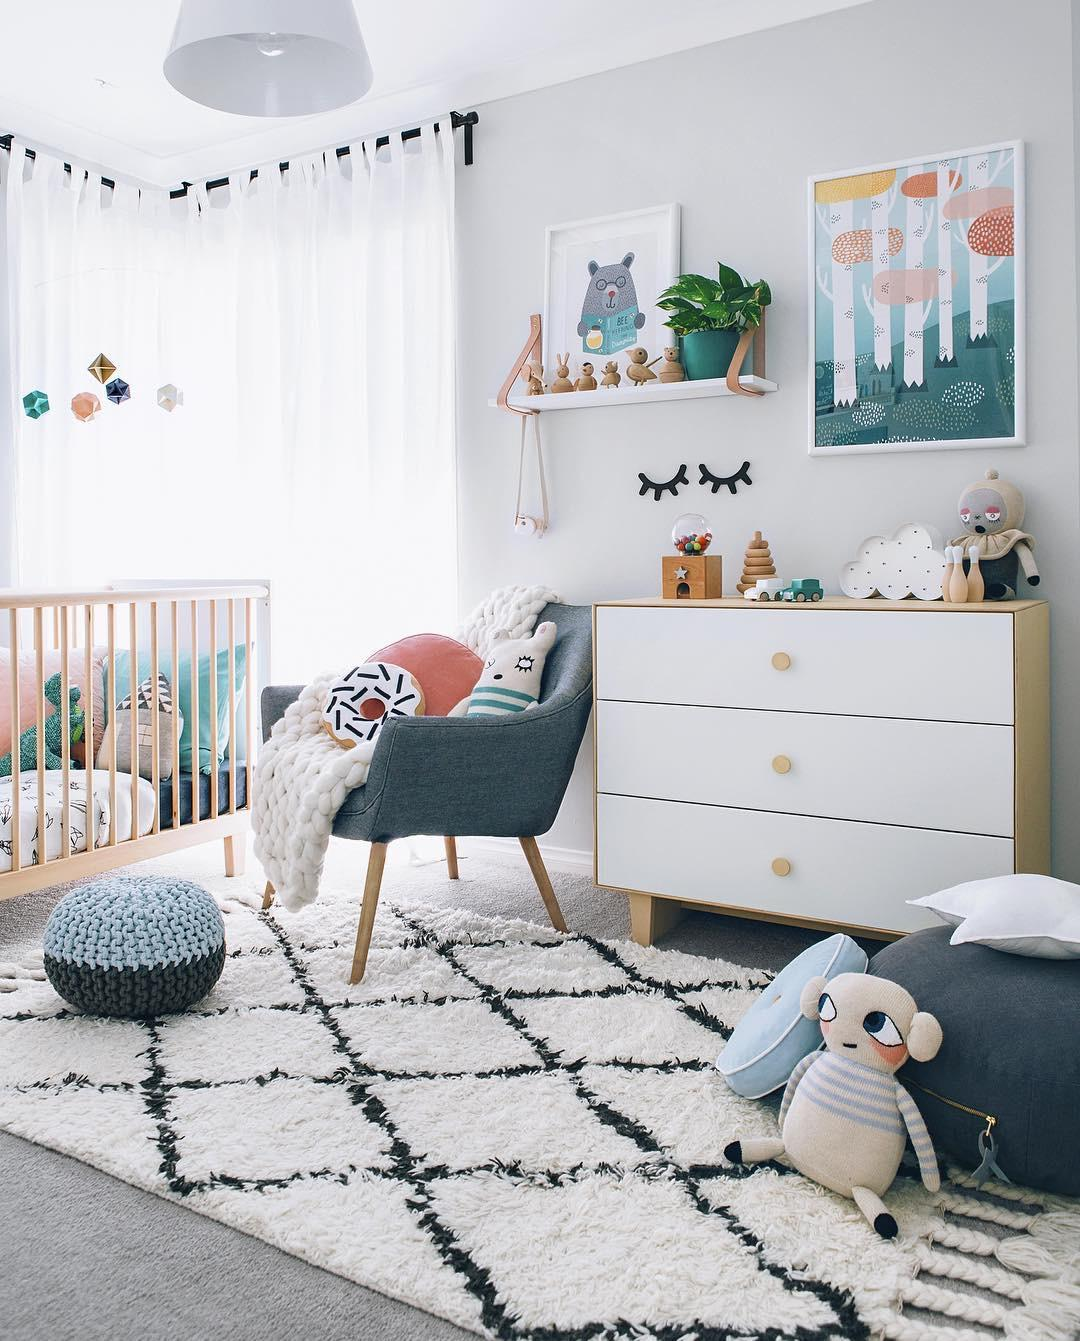 Cores Para Quarto De Beb 48 Ideias Fotos E Inspira Es ~ Como Decorar Quarto De Bebe Menina